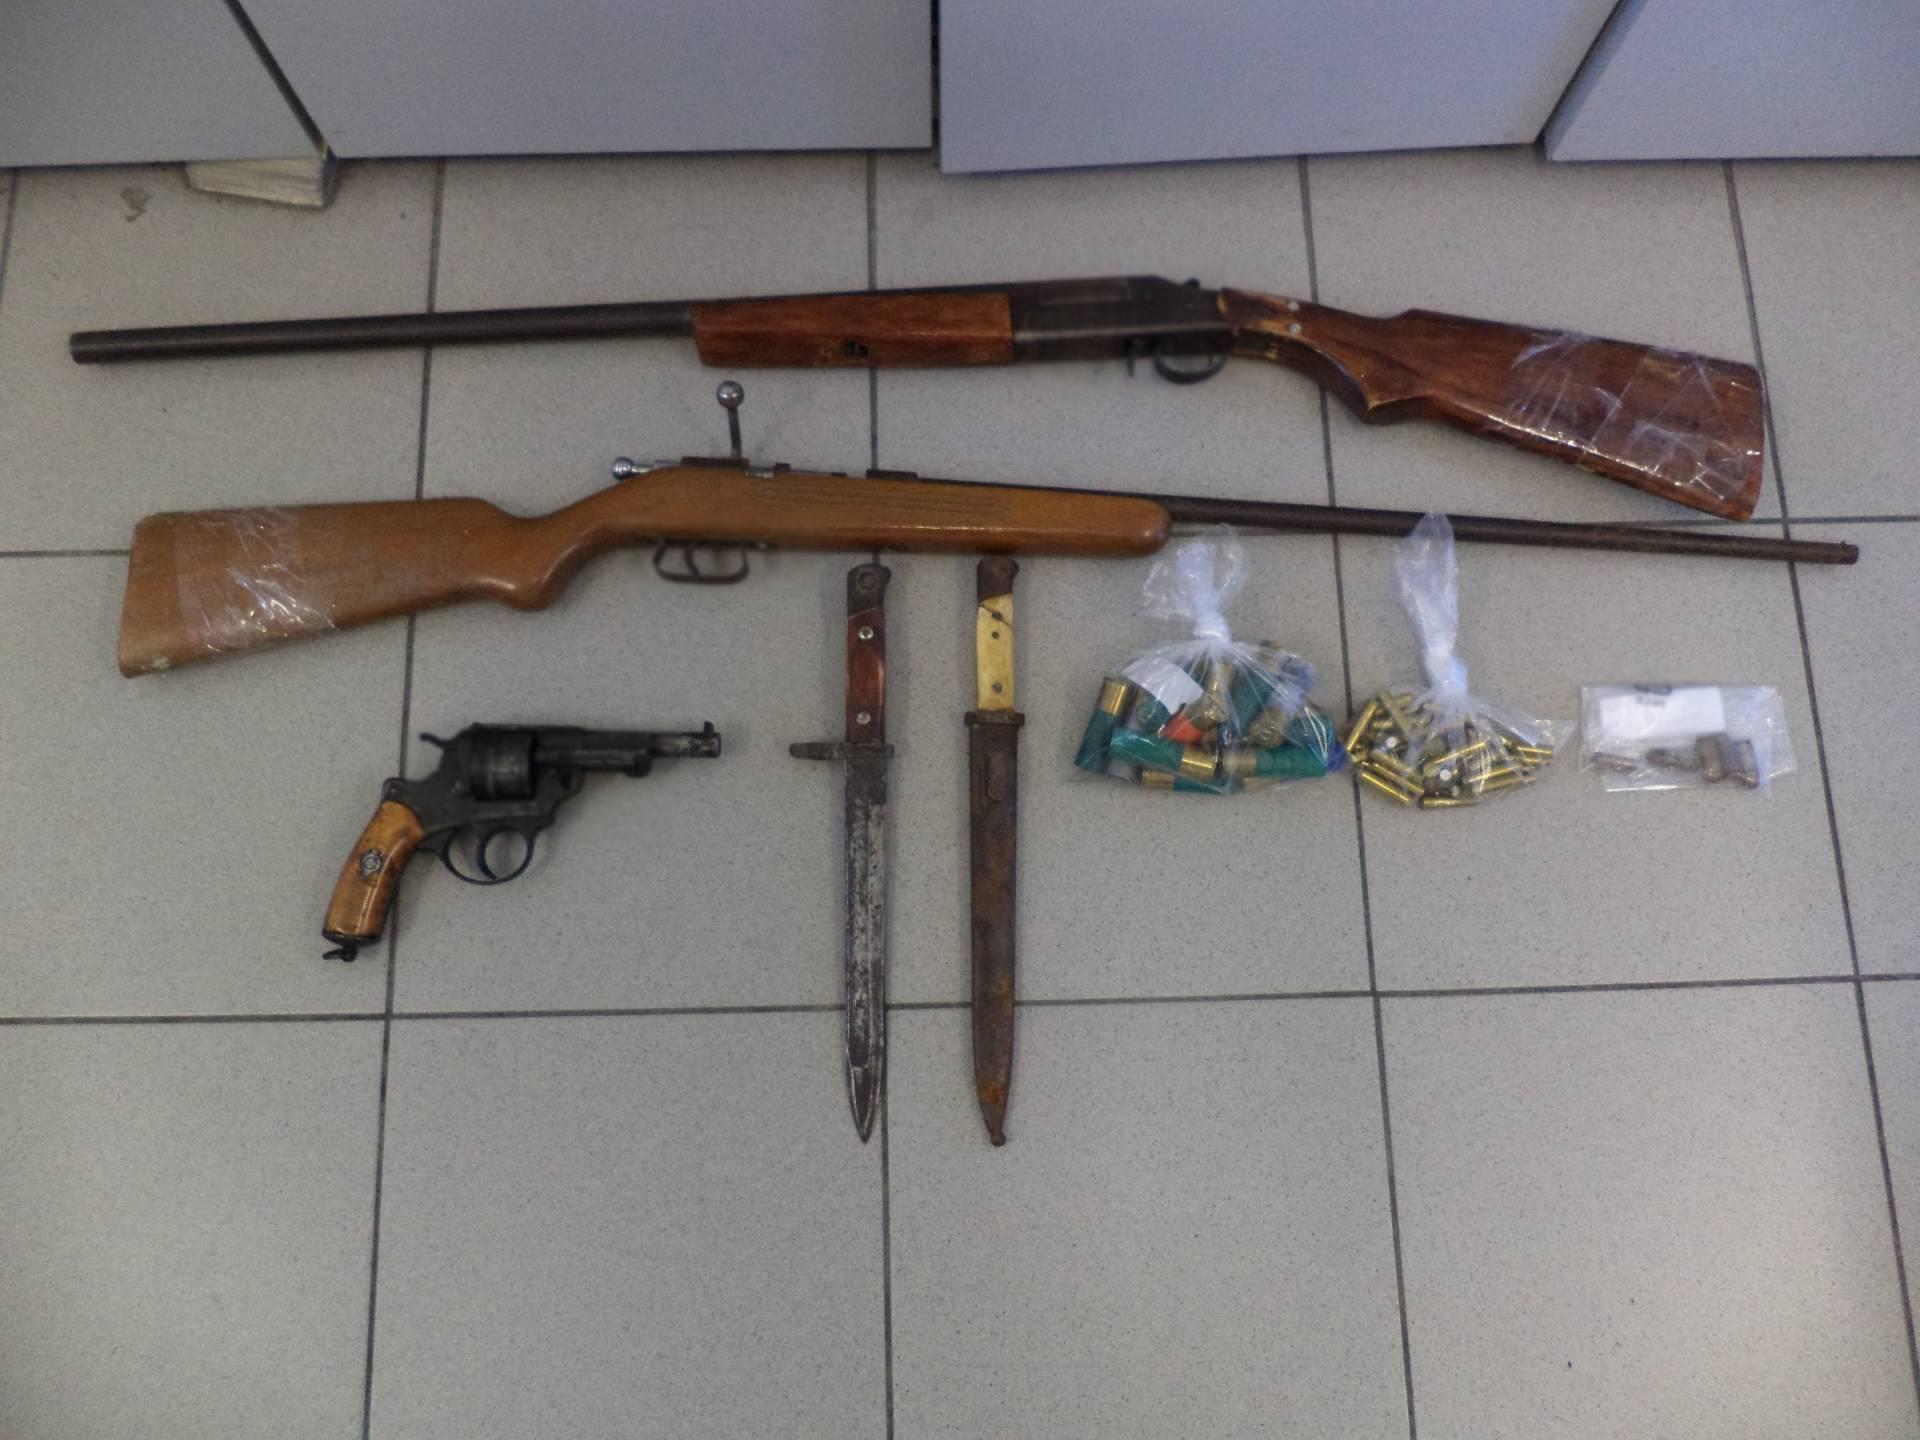 Σύλληψη 53χρονου ημεδαπού για παράβαση του νόμου περί όπλων στην Φλώρινα